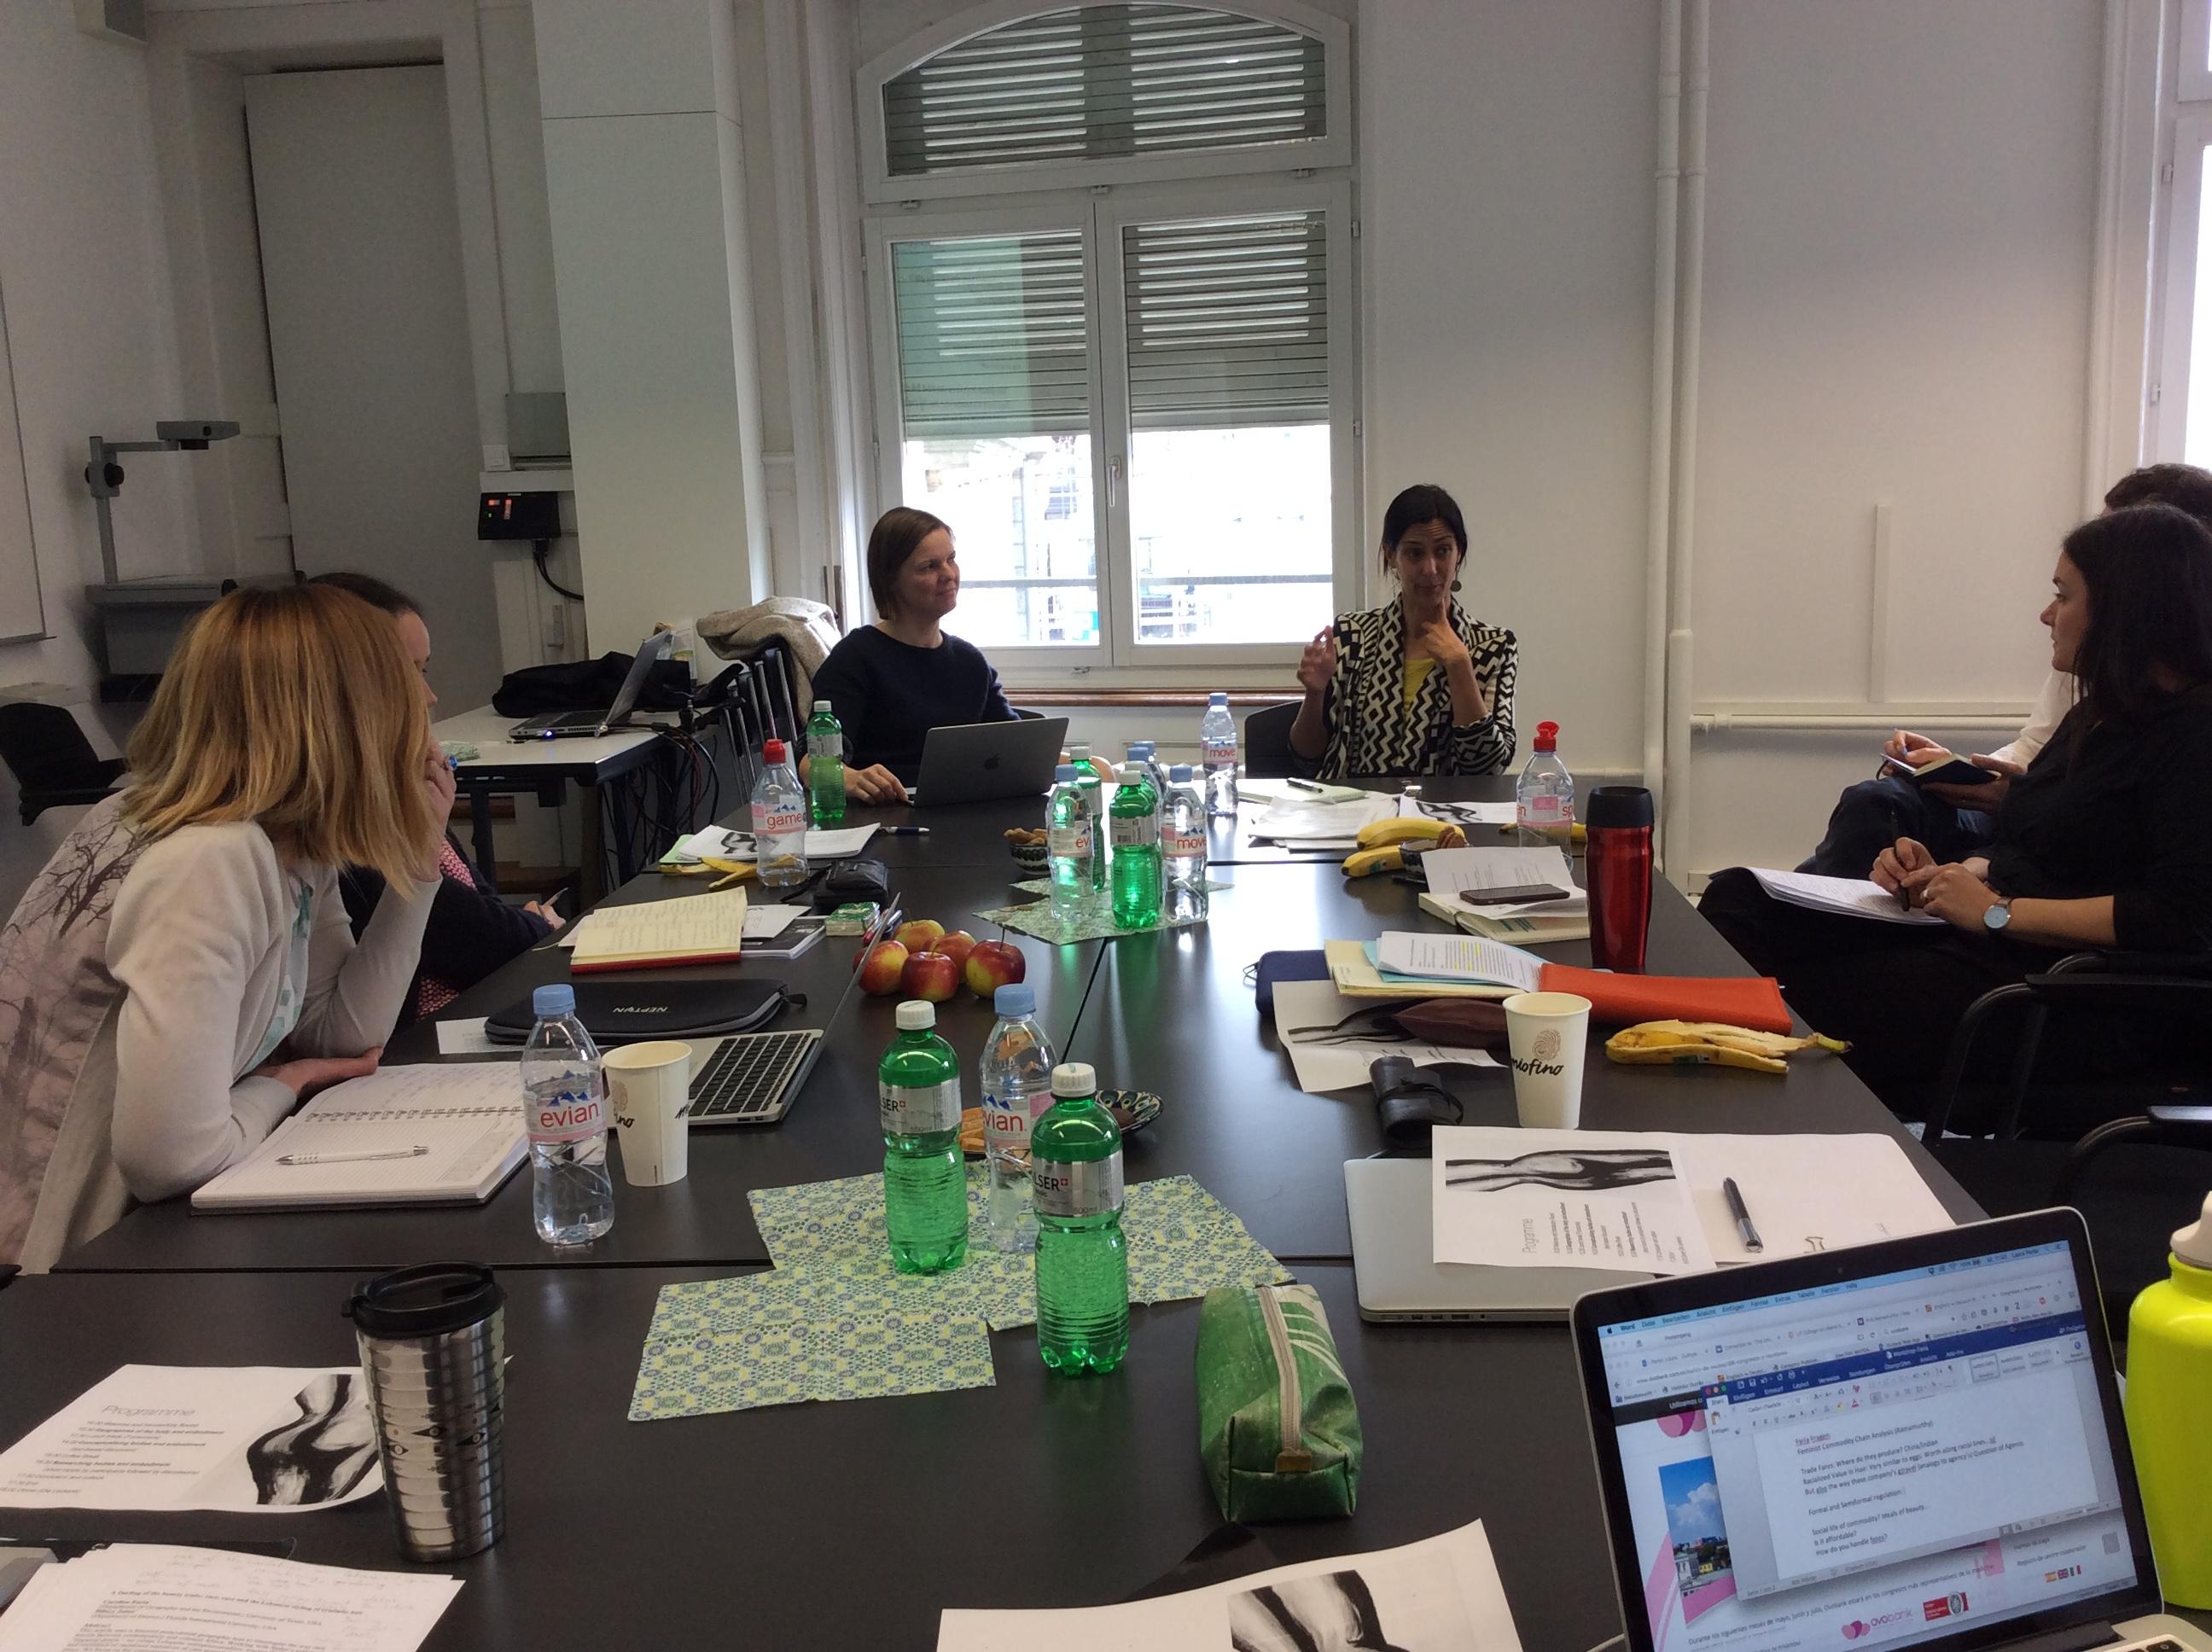 Workshop on Transcultural Bodies